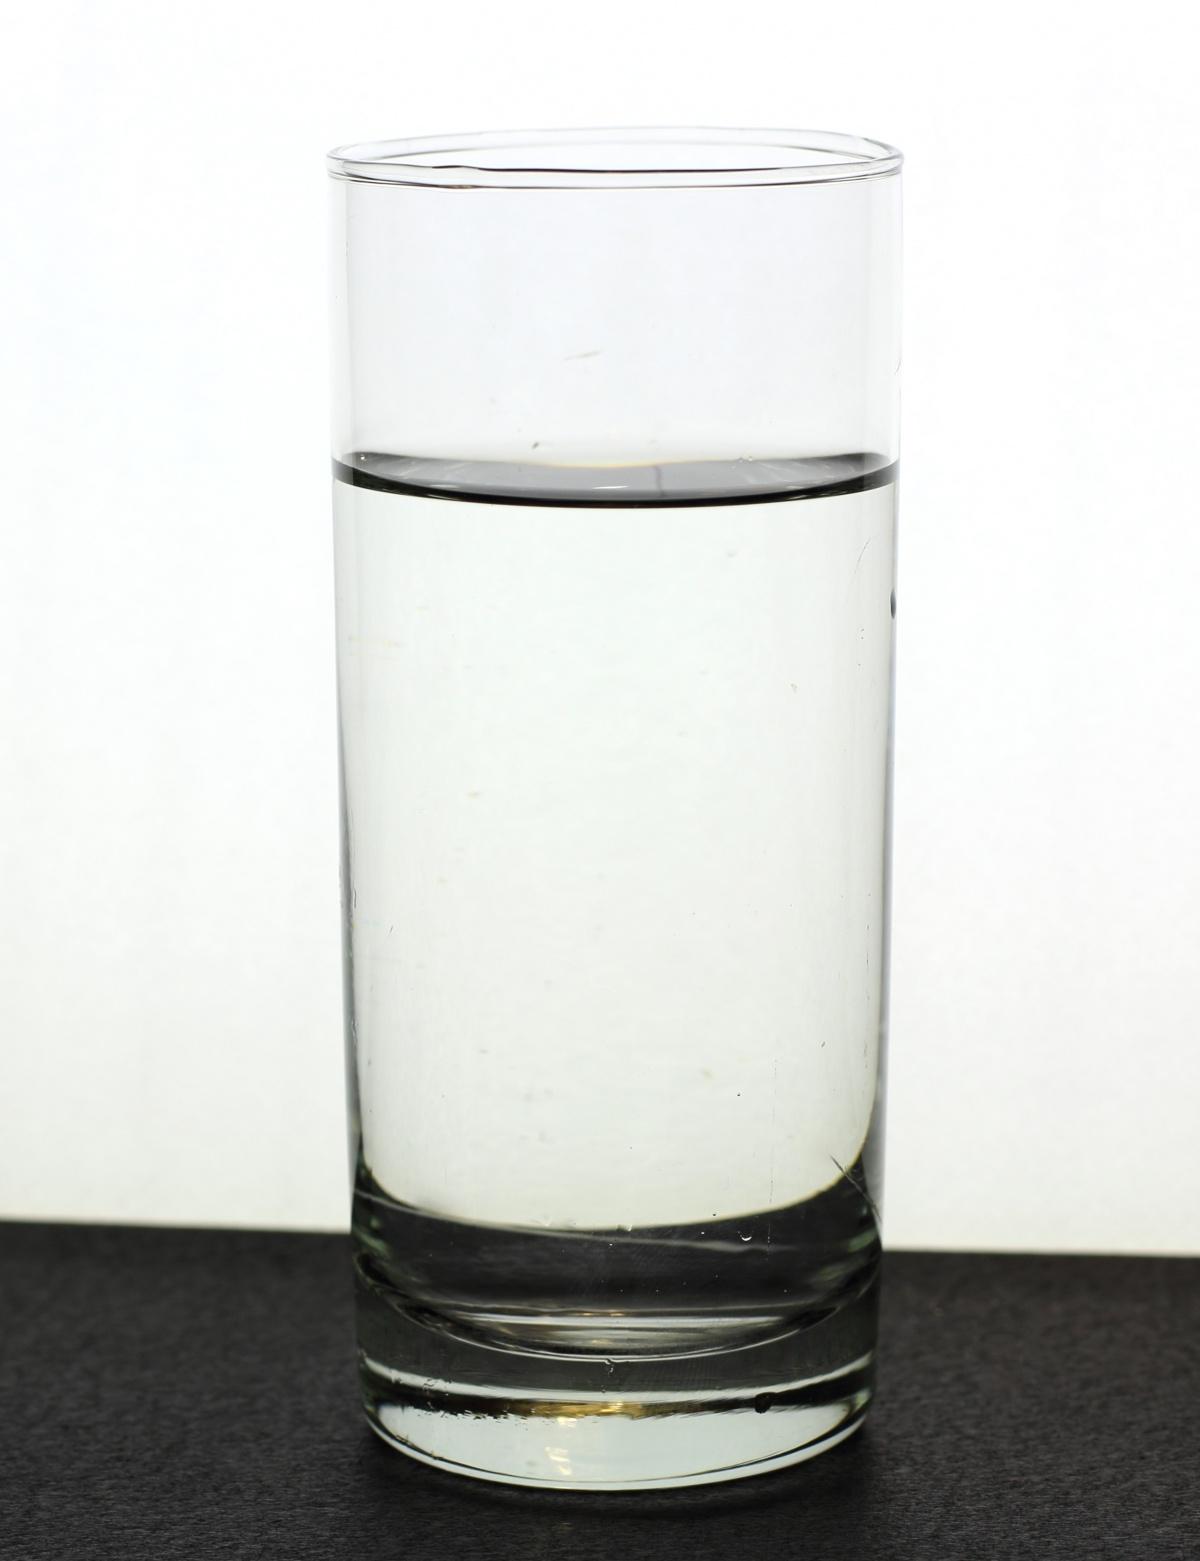 Vaso de agua imagui - Vaso con agua ...